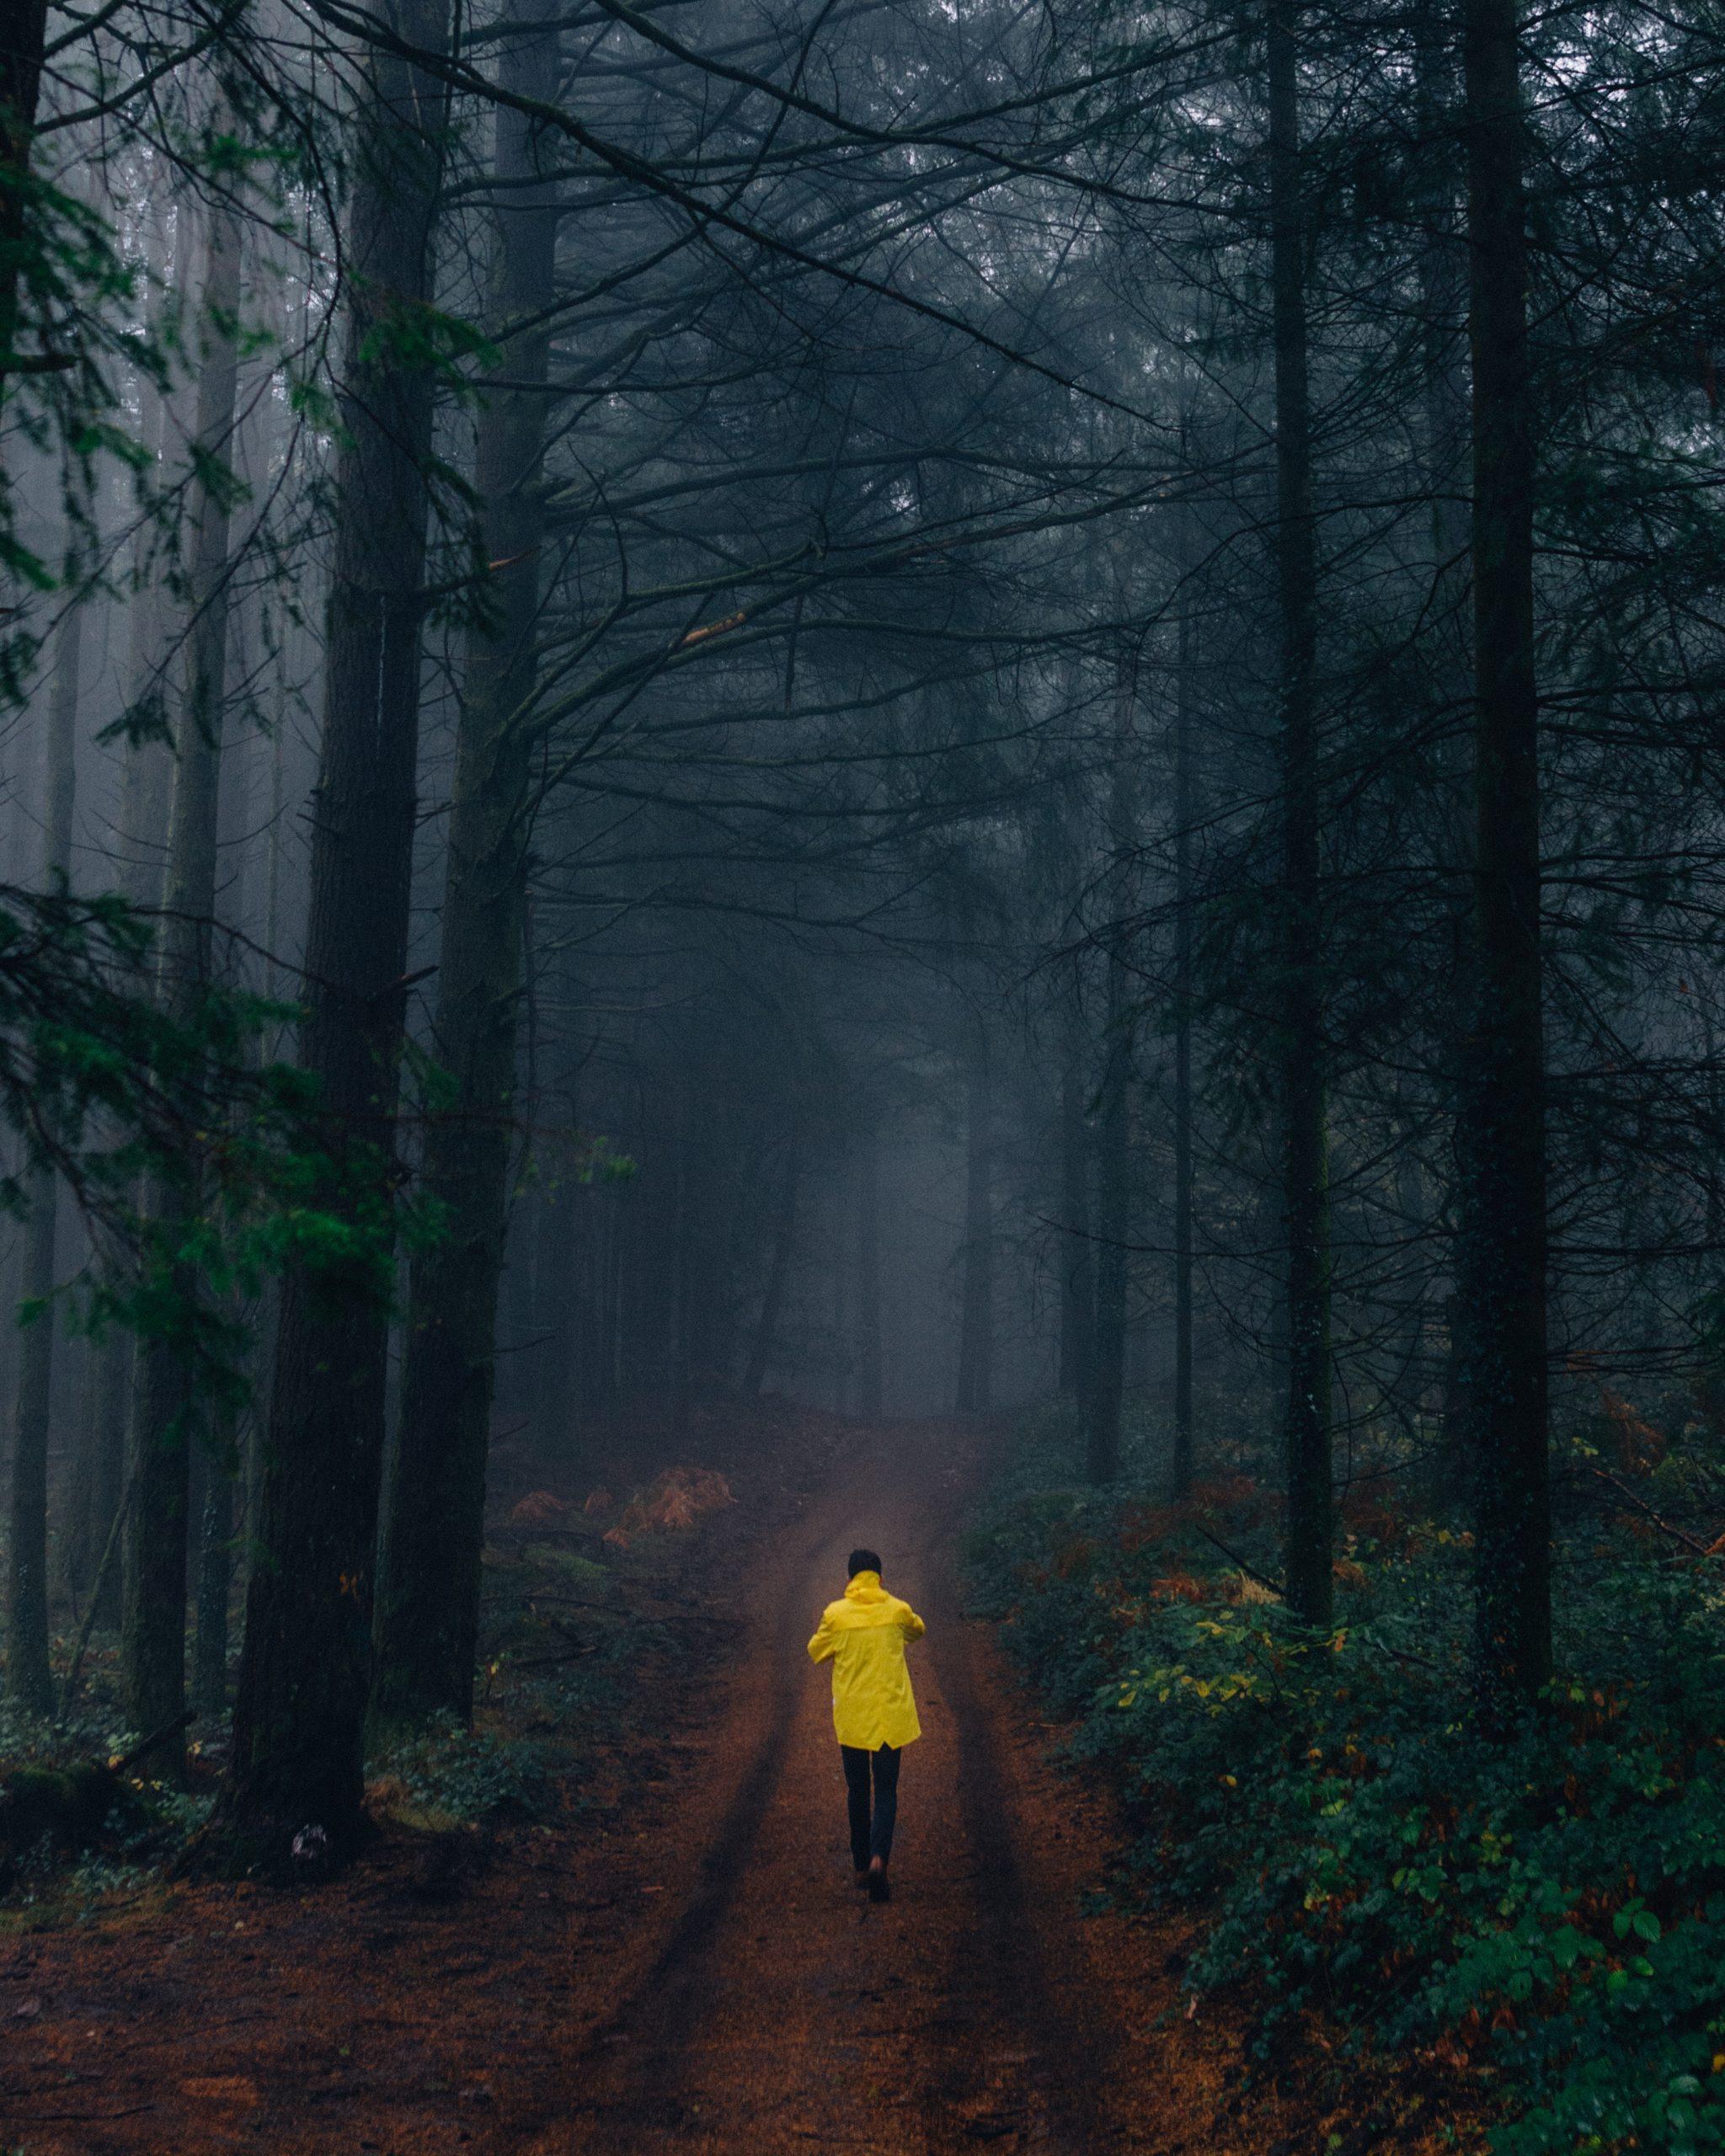 Mensch mit gelber Kacke in dunklem Wald